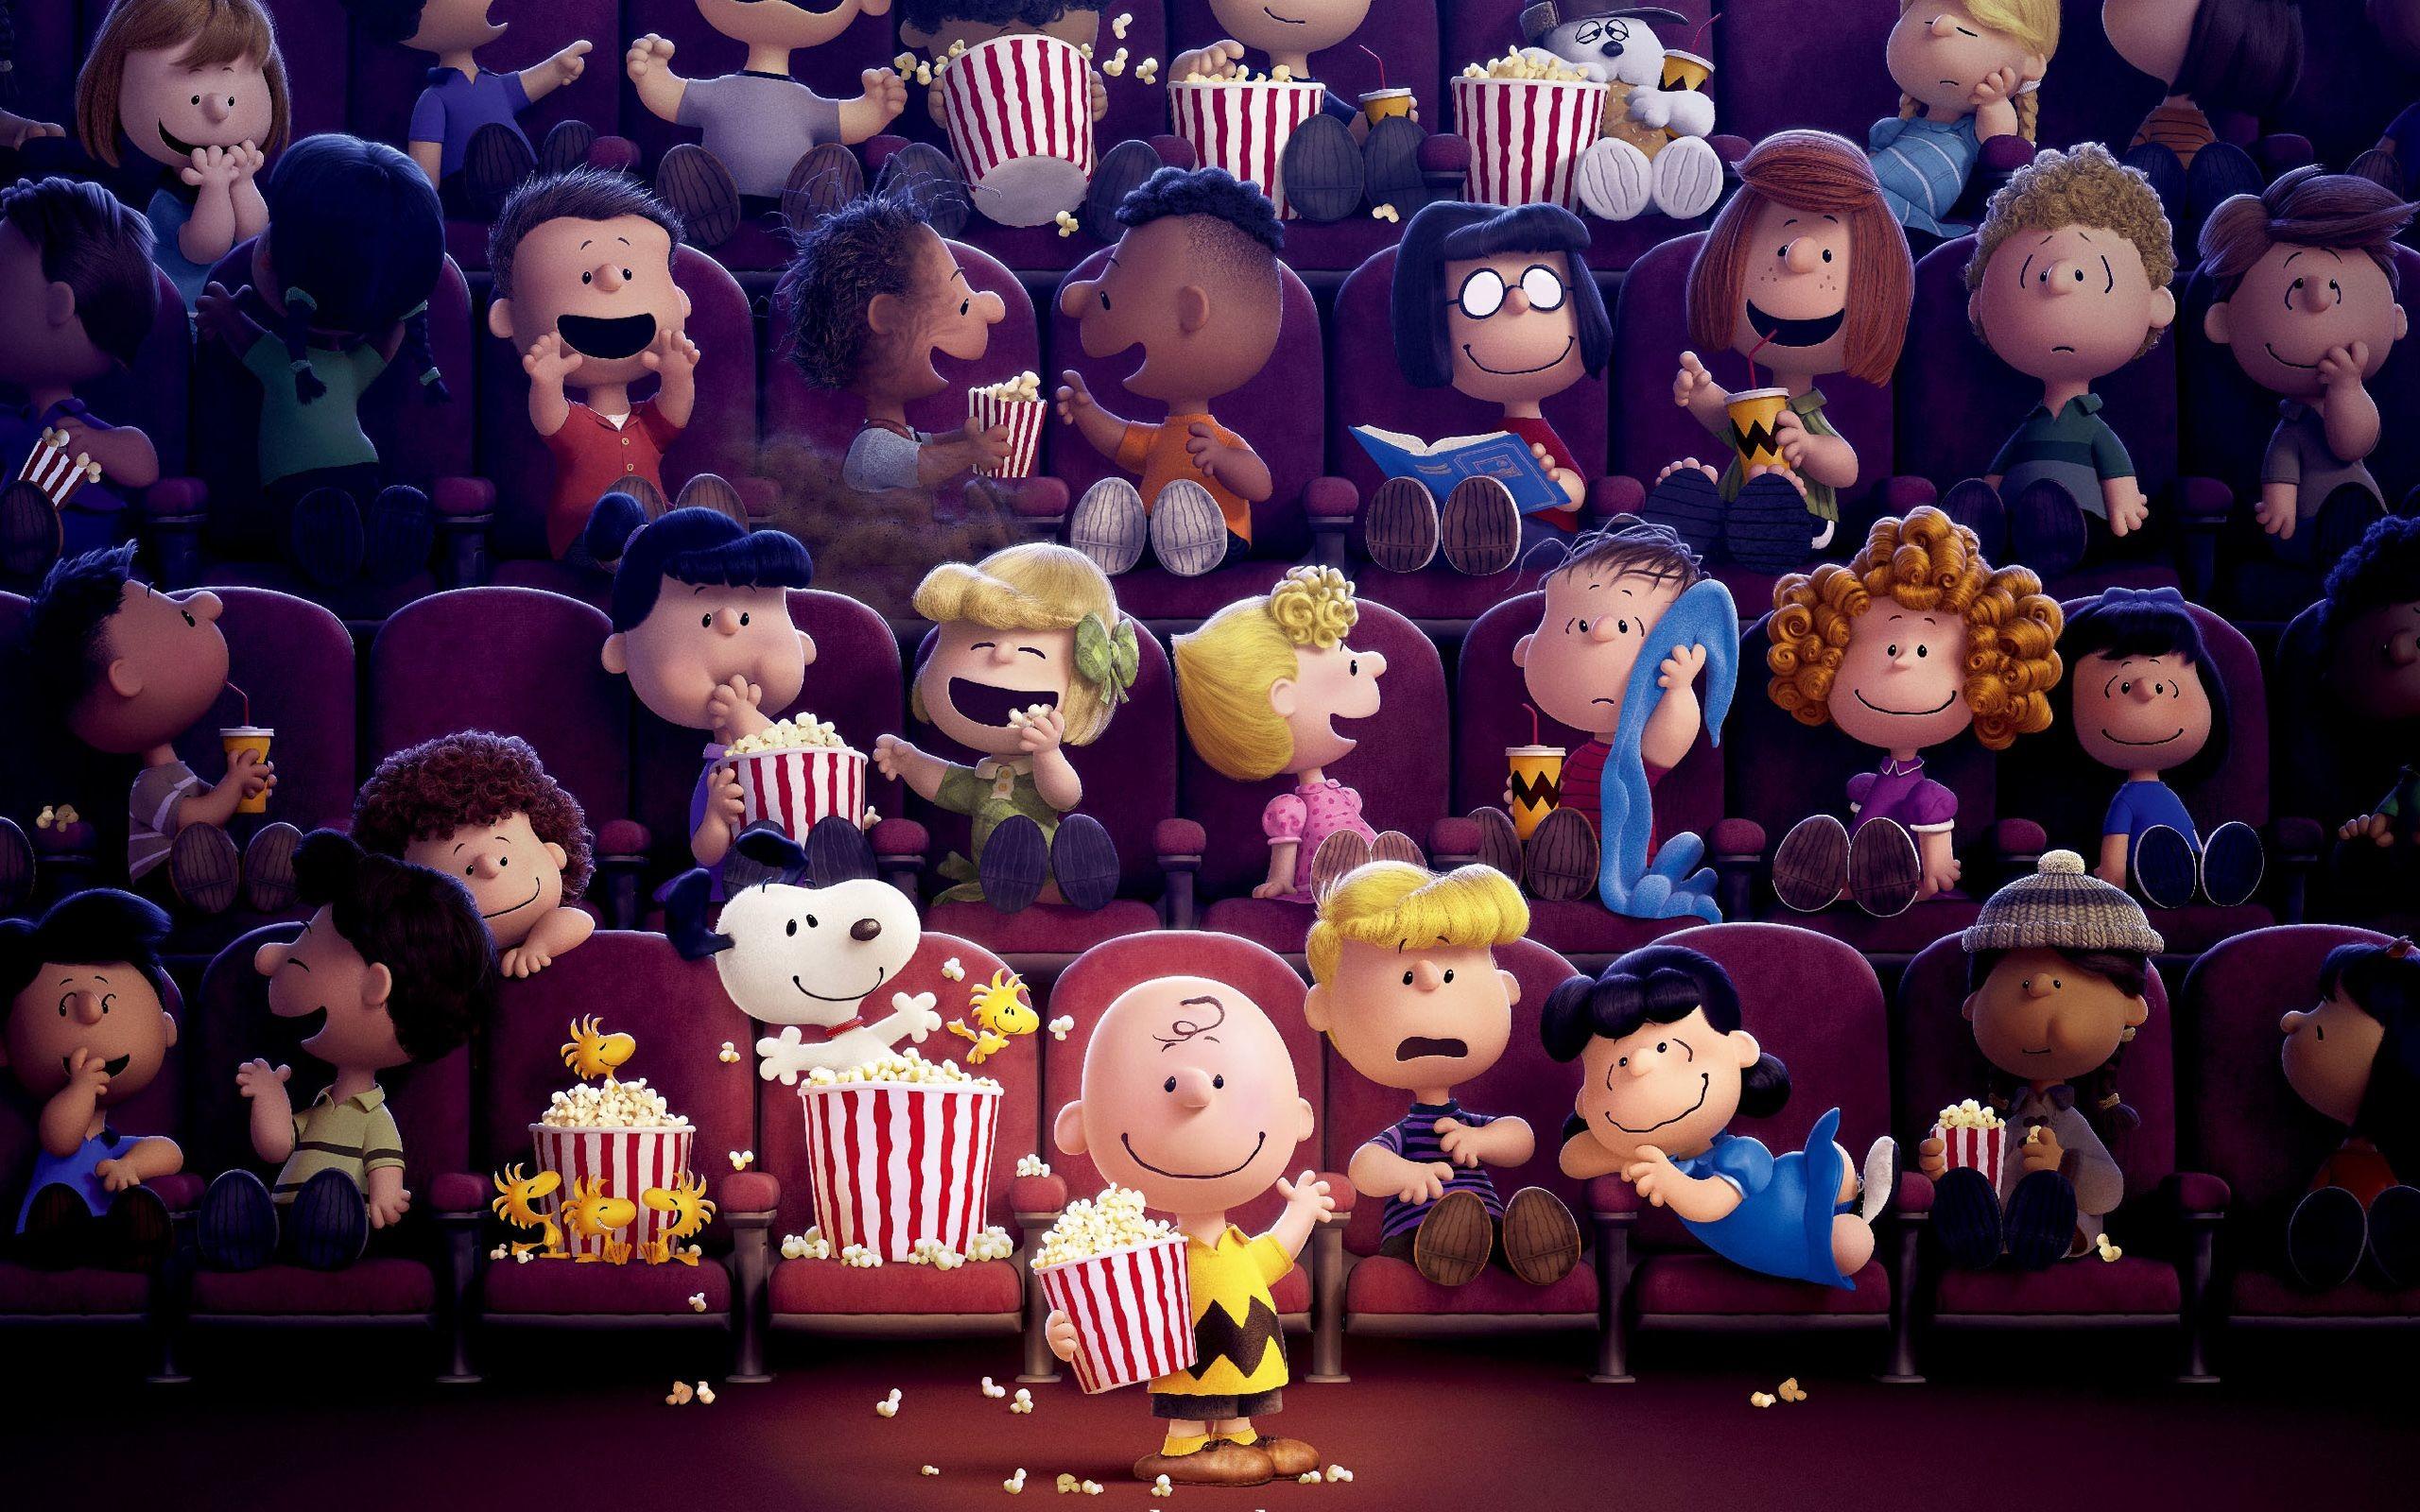 The-Peanuts-Movie-HD-Wallpaper.jpg